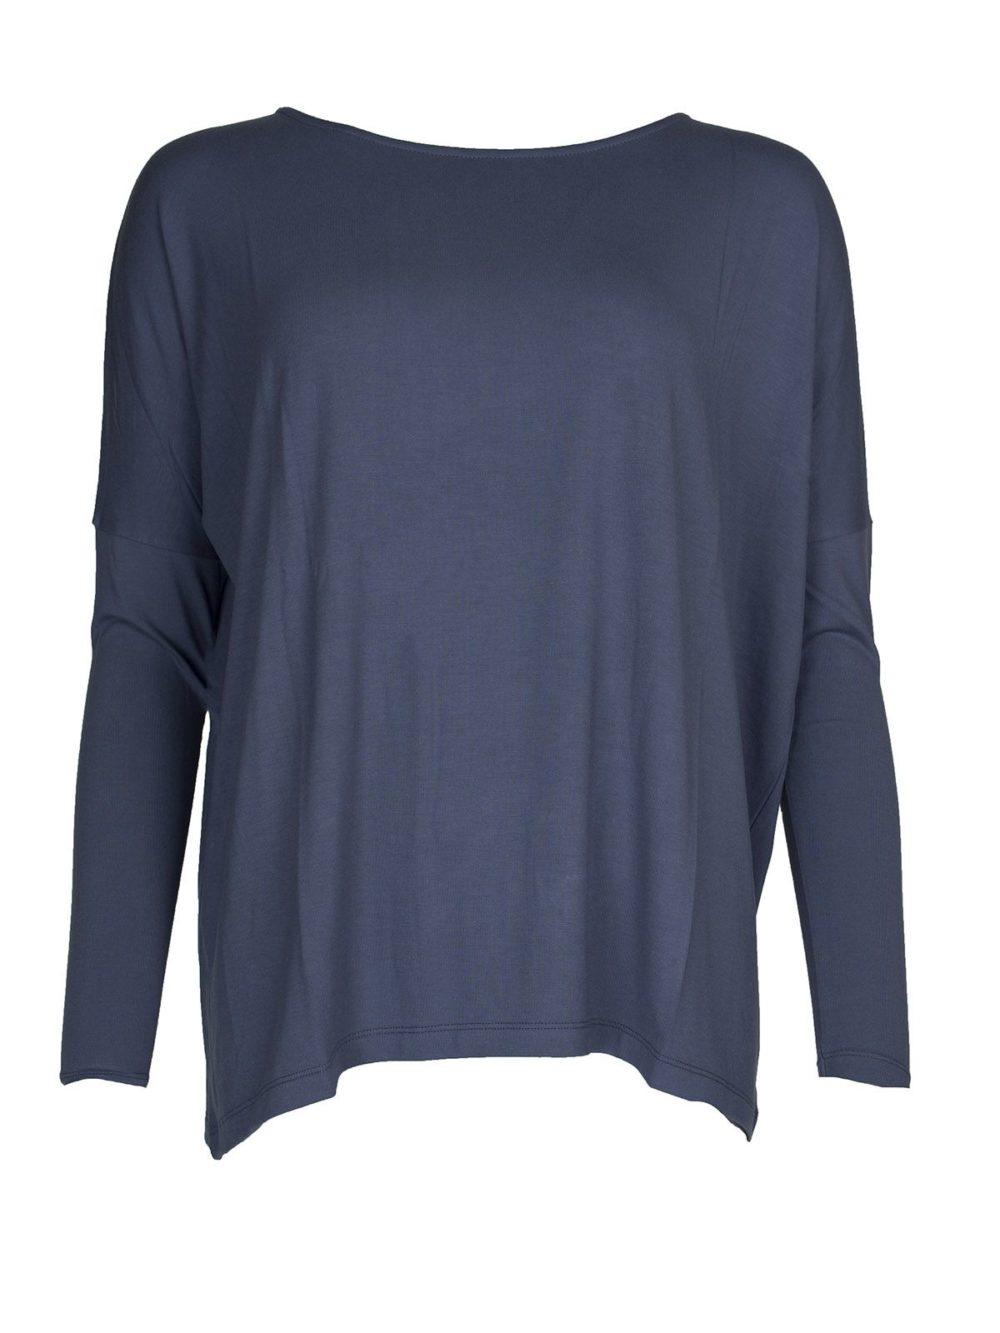 T-shirt72